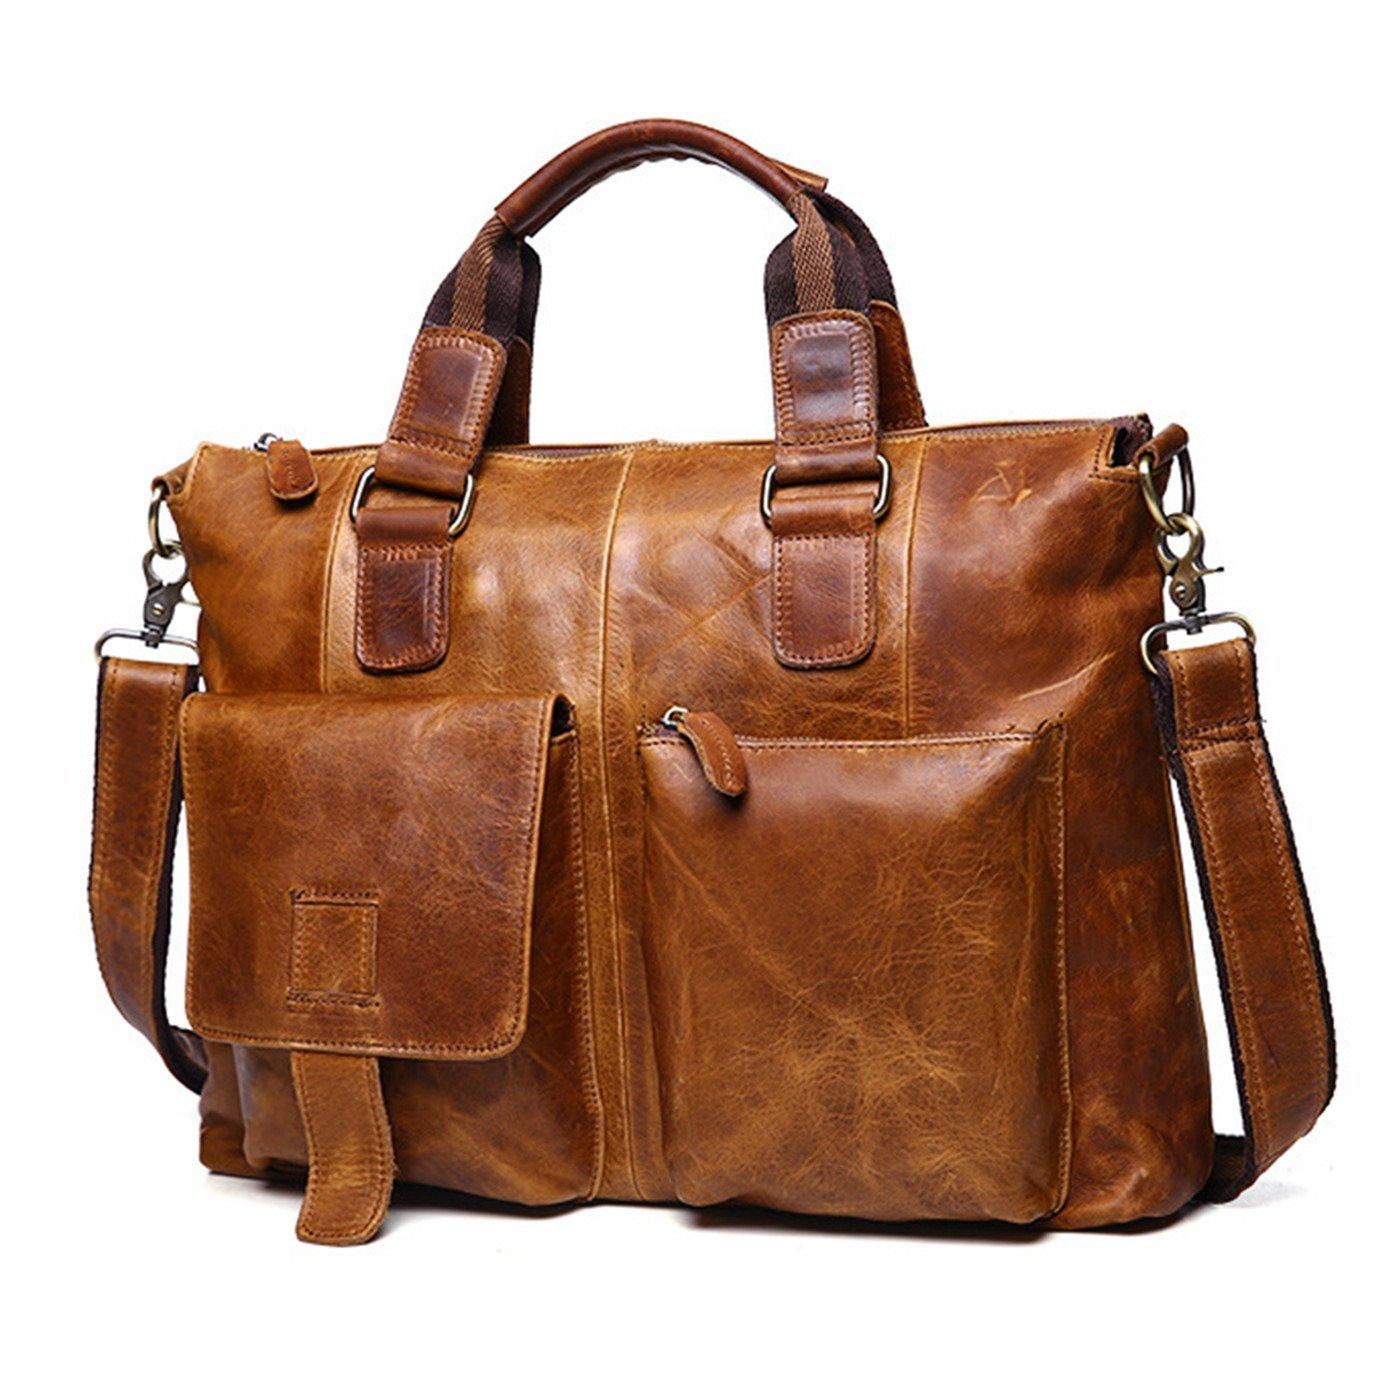 DRF Leather Laptop Messenger Bag Business Office Briefcase Satchel for Men BG-262 (Brown)